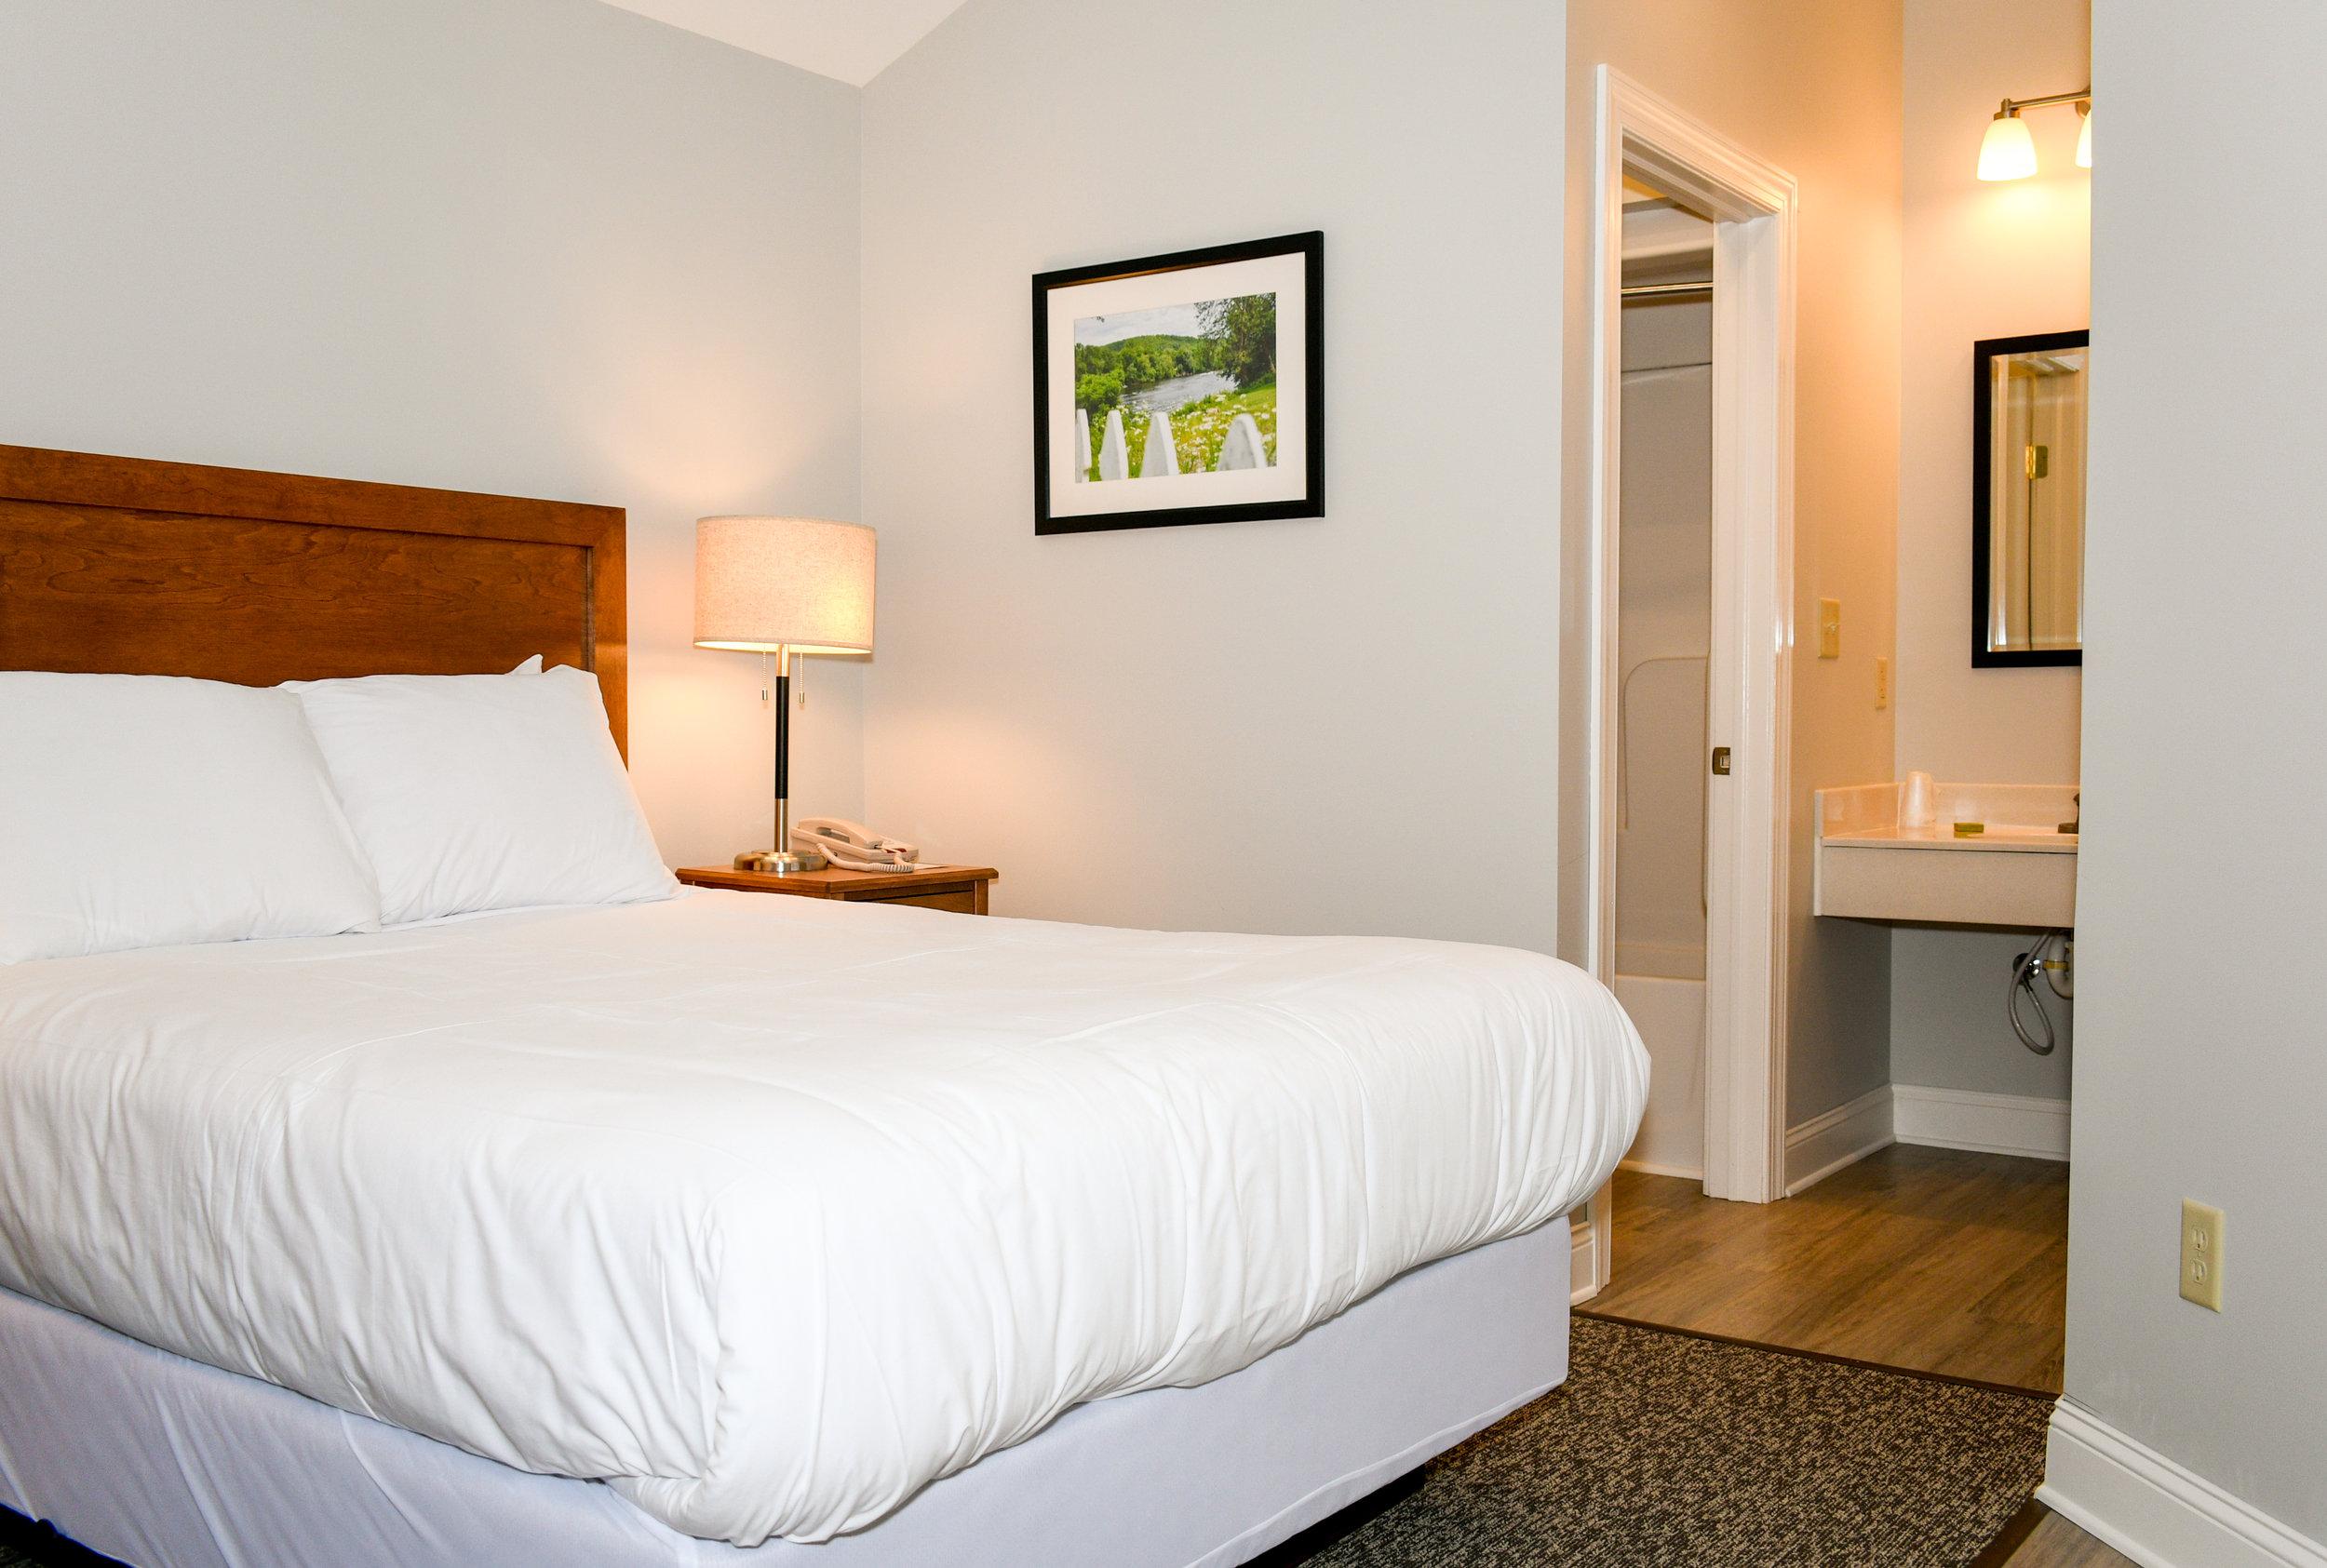 Queen bed in Inn Room 41